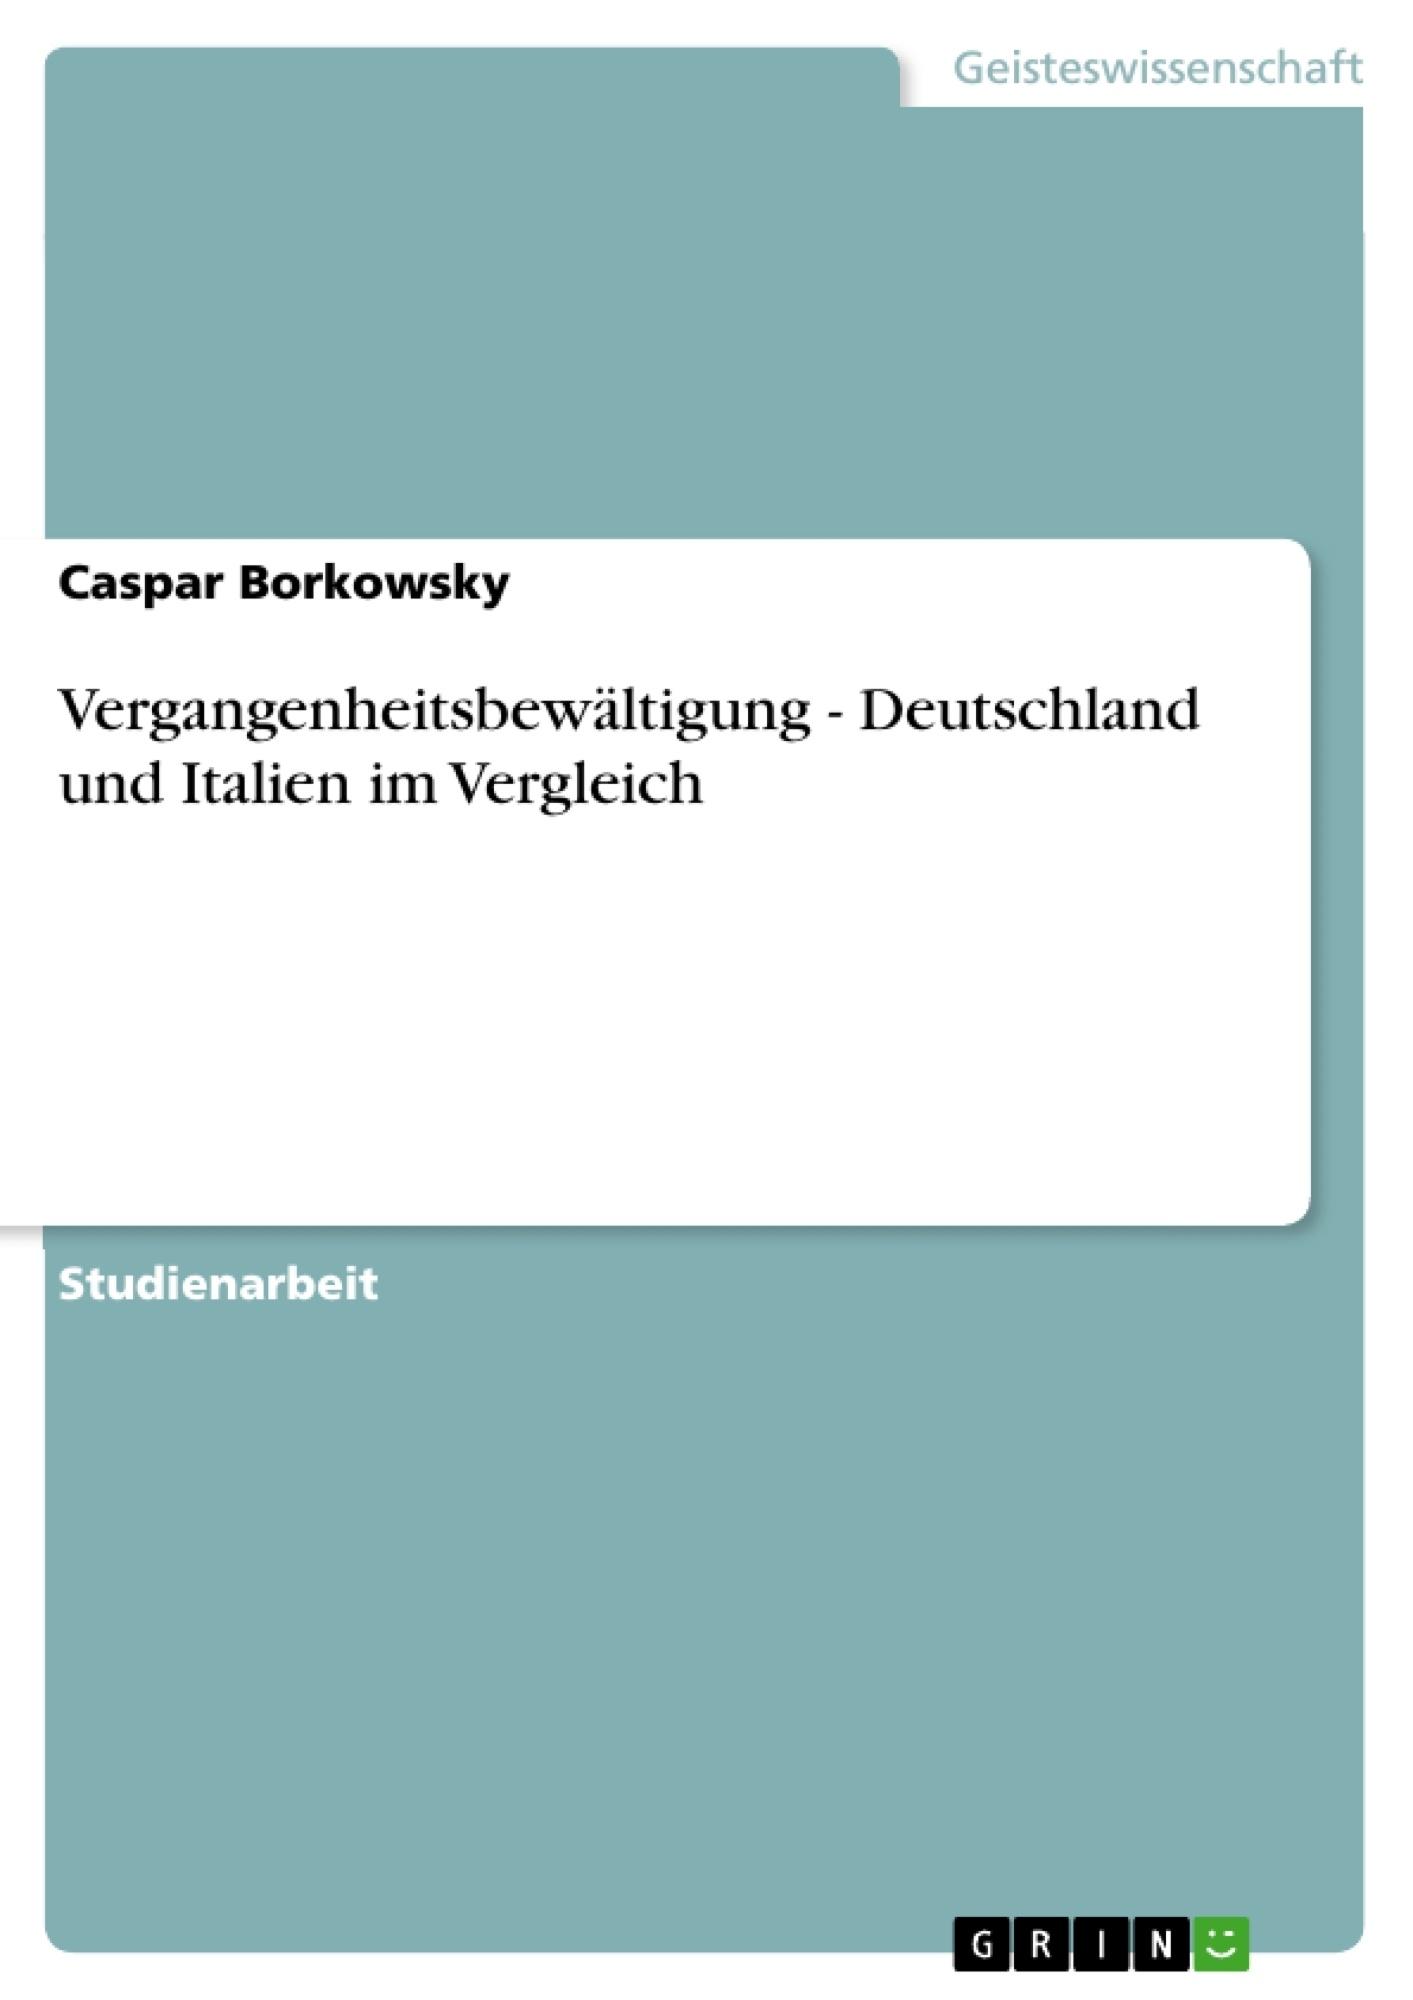 Titel: Vergangenheitsbewältigung - Deutschland und Italien im Vergleich